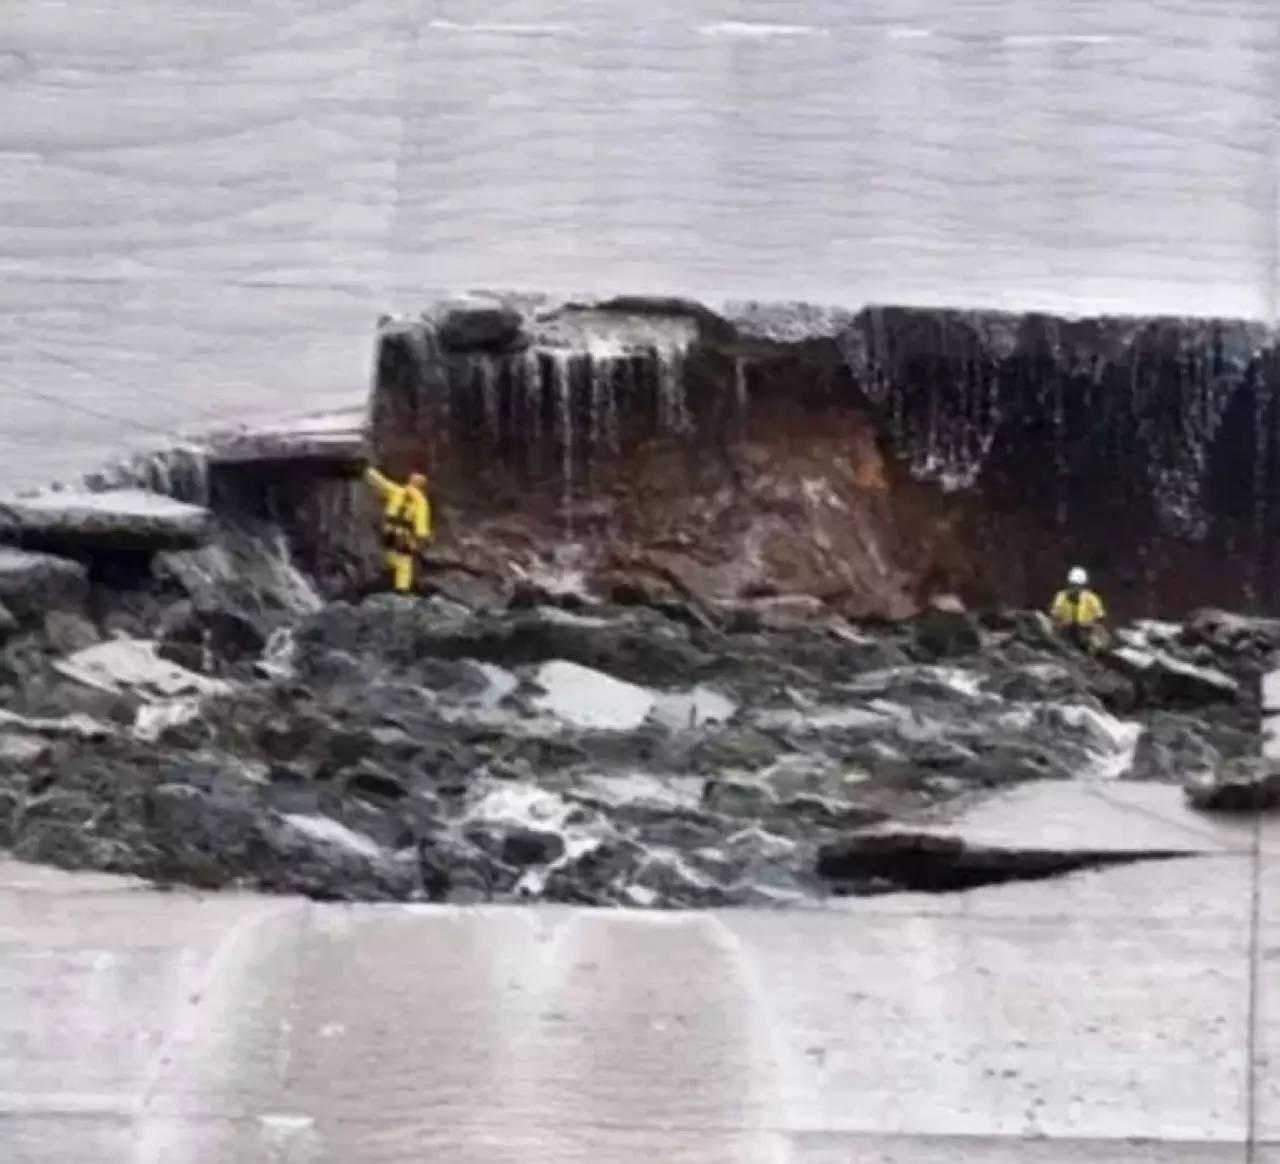 险情 | 美国最高大坝破了个大洞 半世纪以来最严峻 约20万人紧急撤离